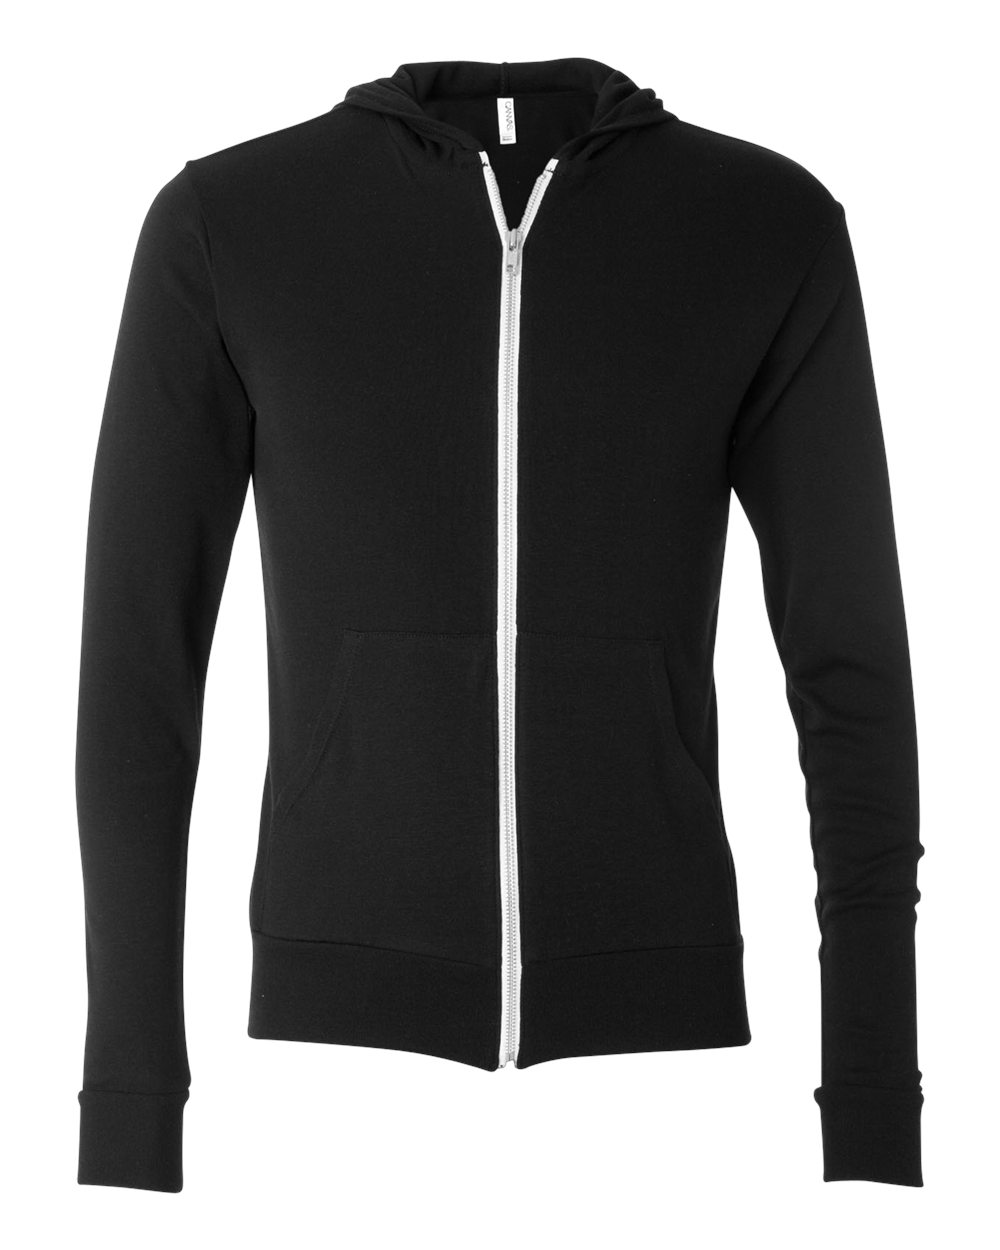 Bella-Canvas-Unisex-Triblend-Lightweight-Hooded-Full-Zip-T-Shirt-3939-upto-2XL thumbnail 27